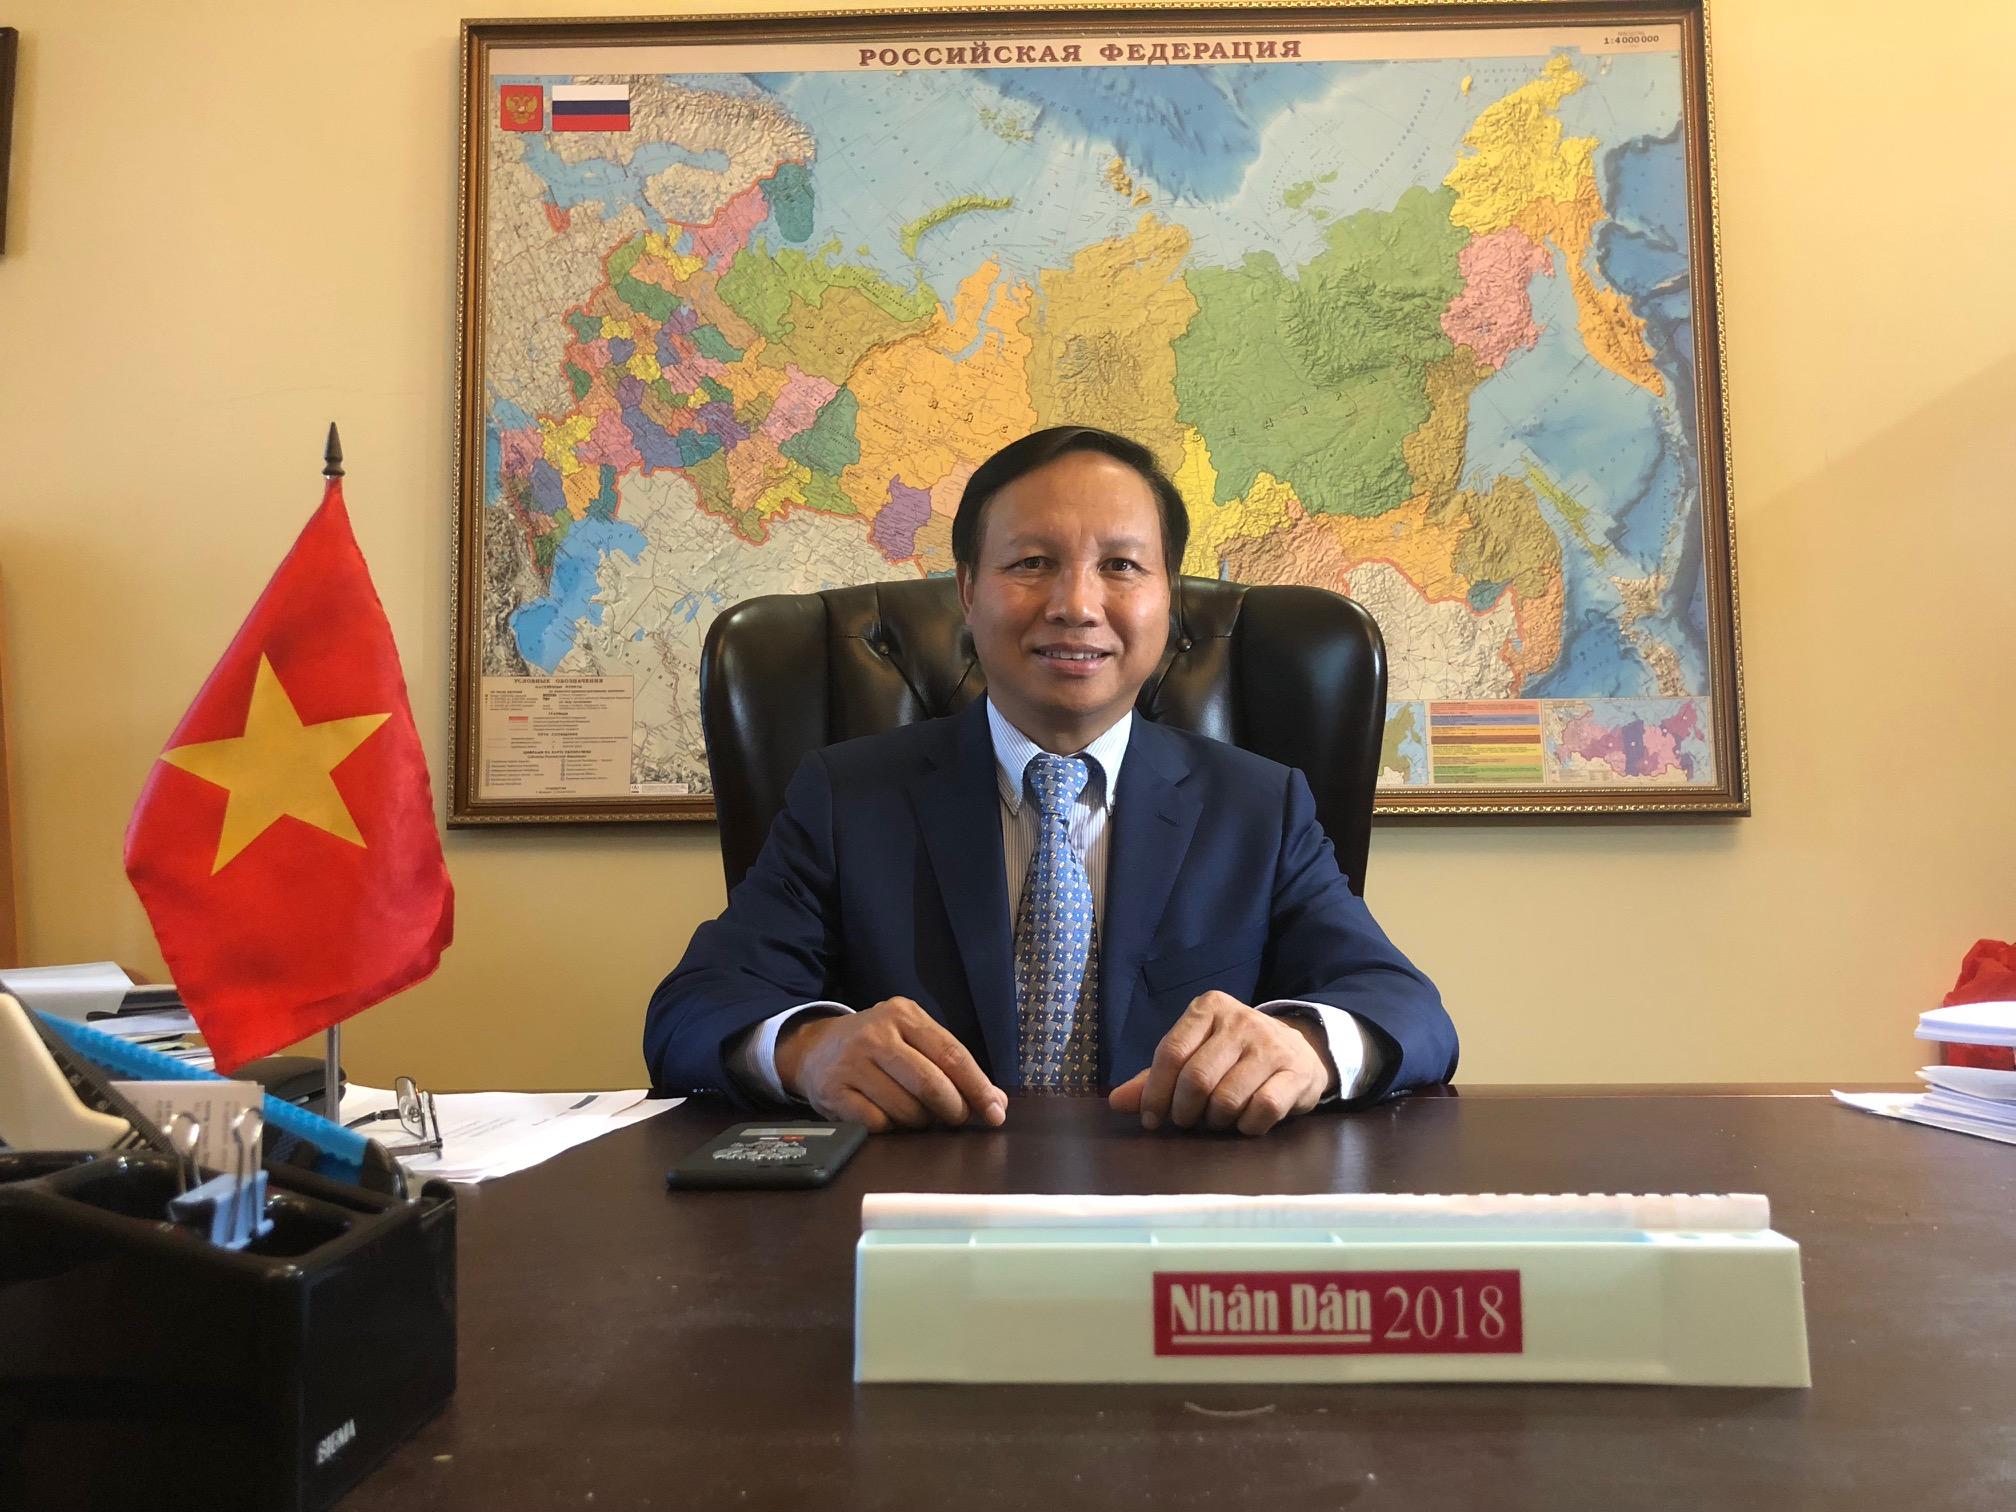 Quan hệ Việt Nam - Liên bang Nga ngày càng đi vào chiều sâu, thực chất và hiệu quả